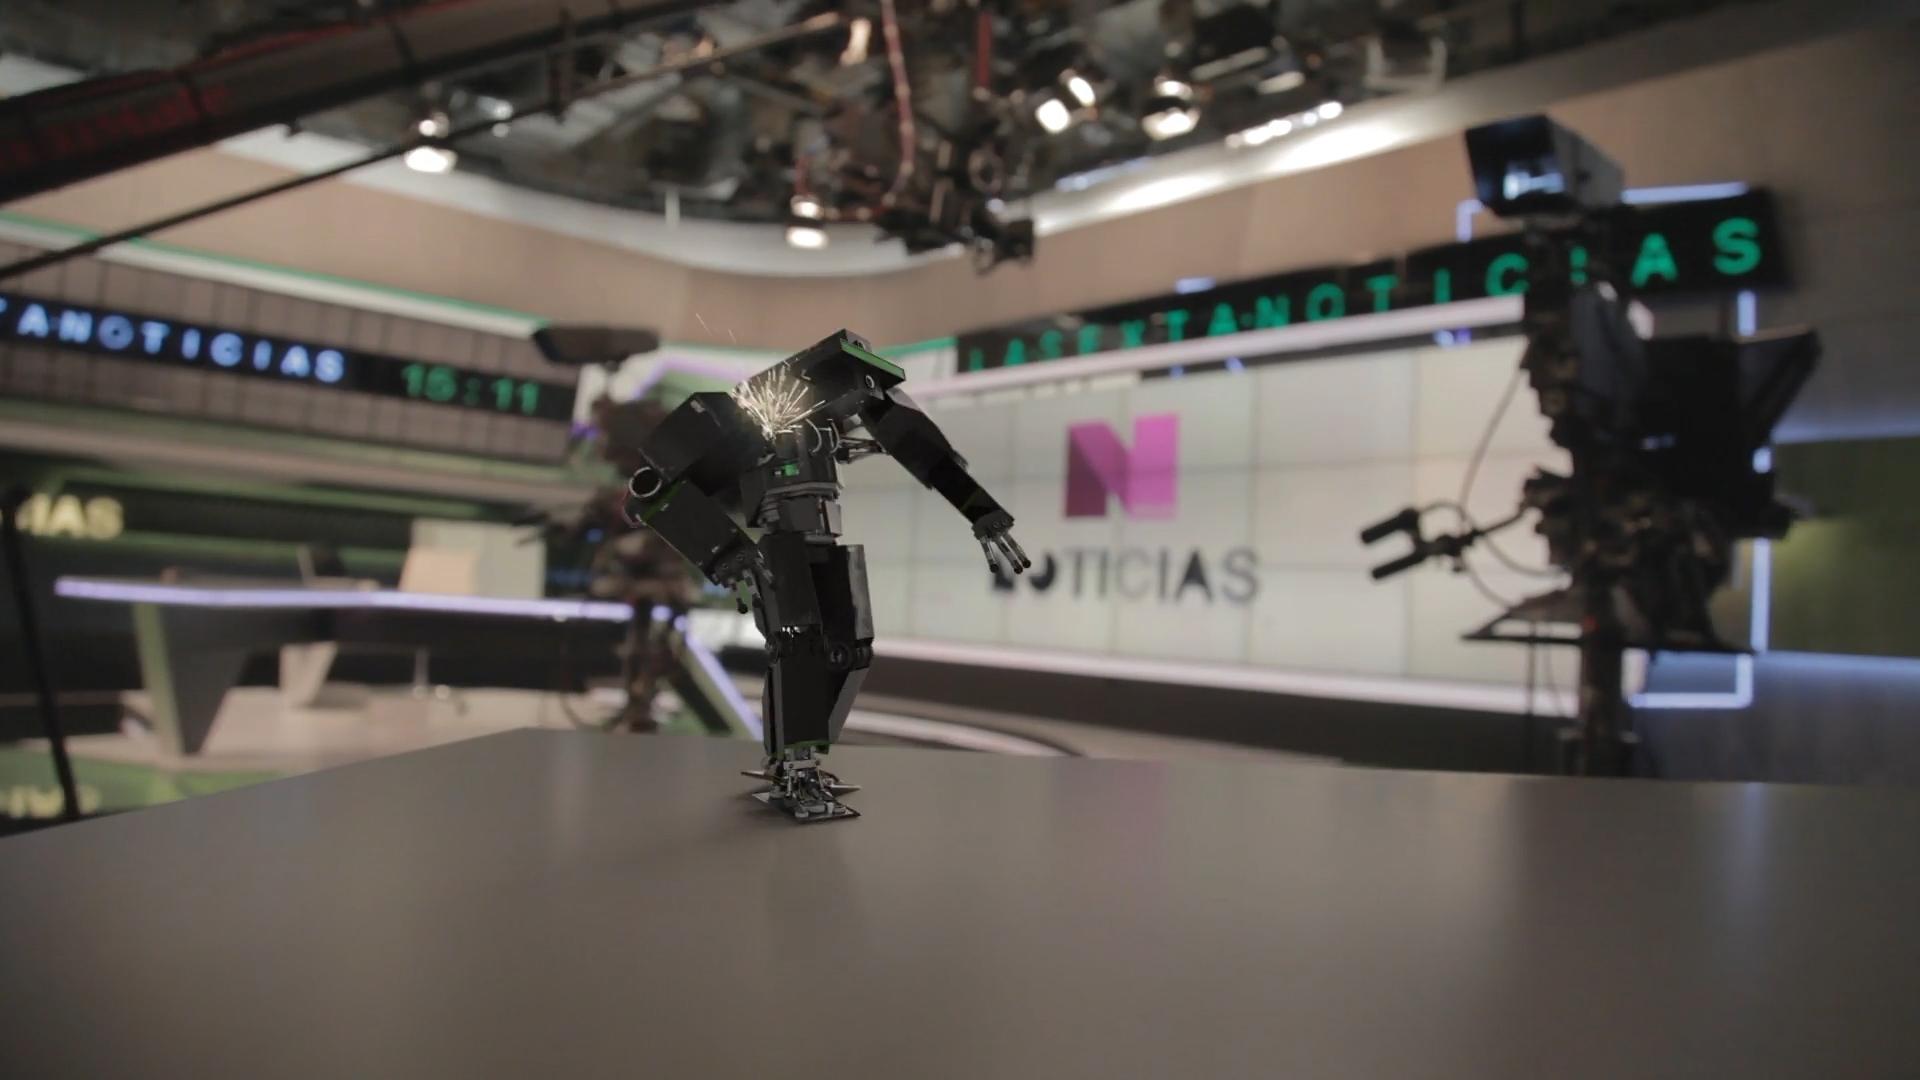 robot-la-sexta-el-exilio-animacion-3d-modelado-texturizado-video-plato-noticias-television-1920x1080